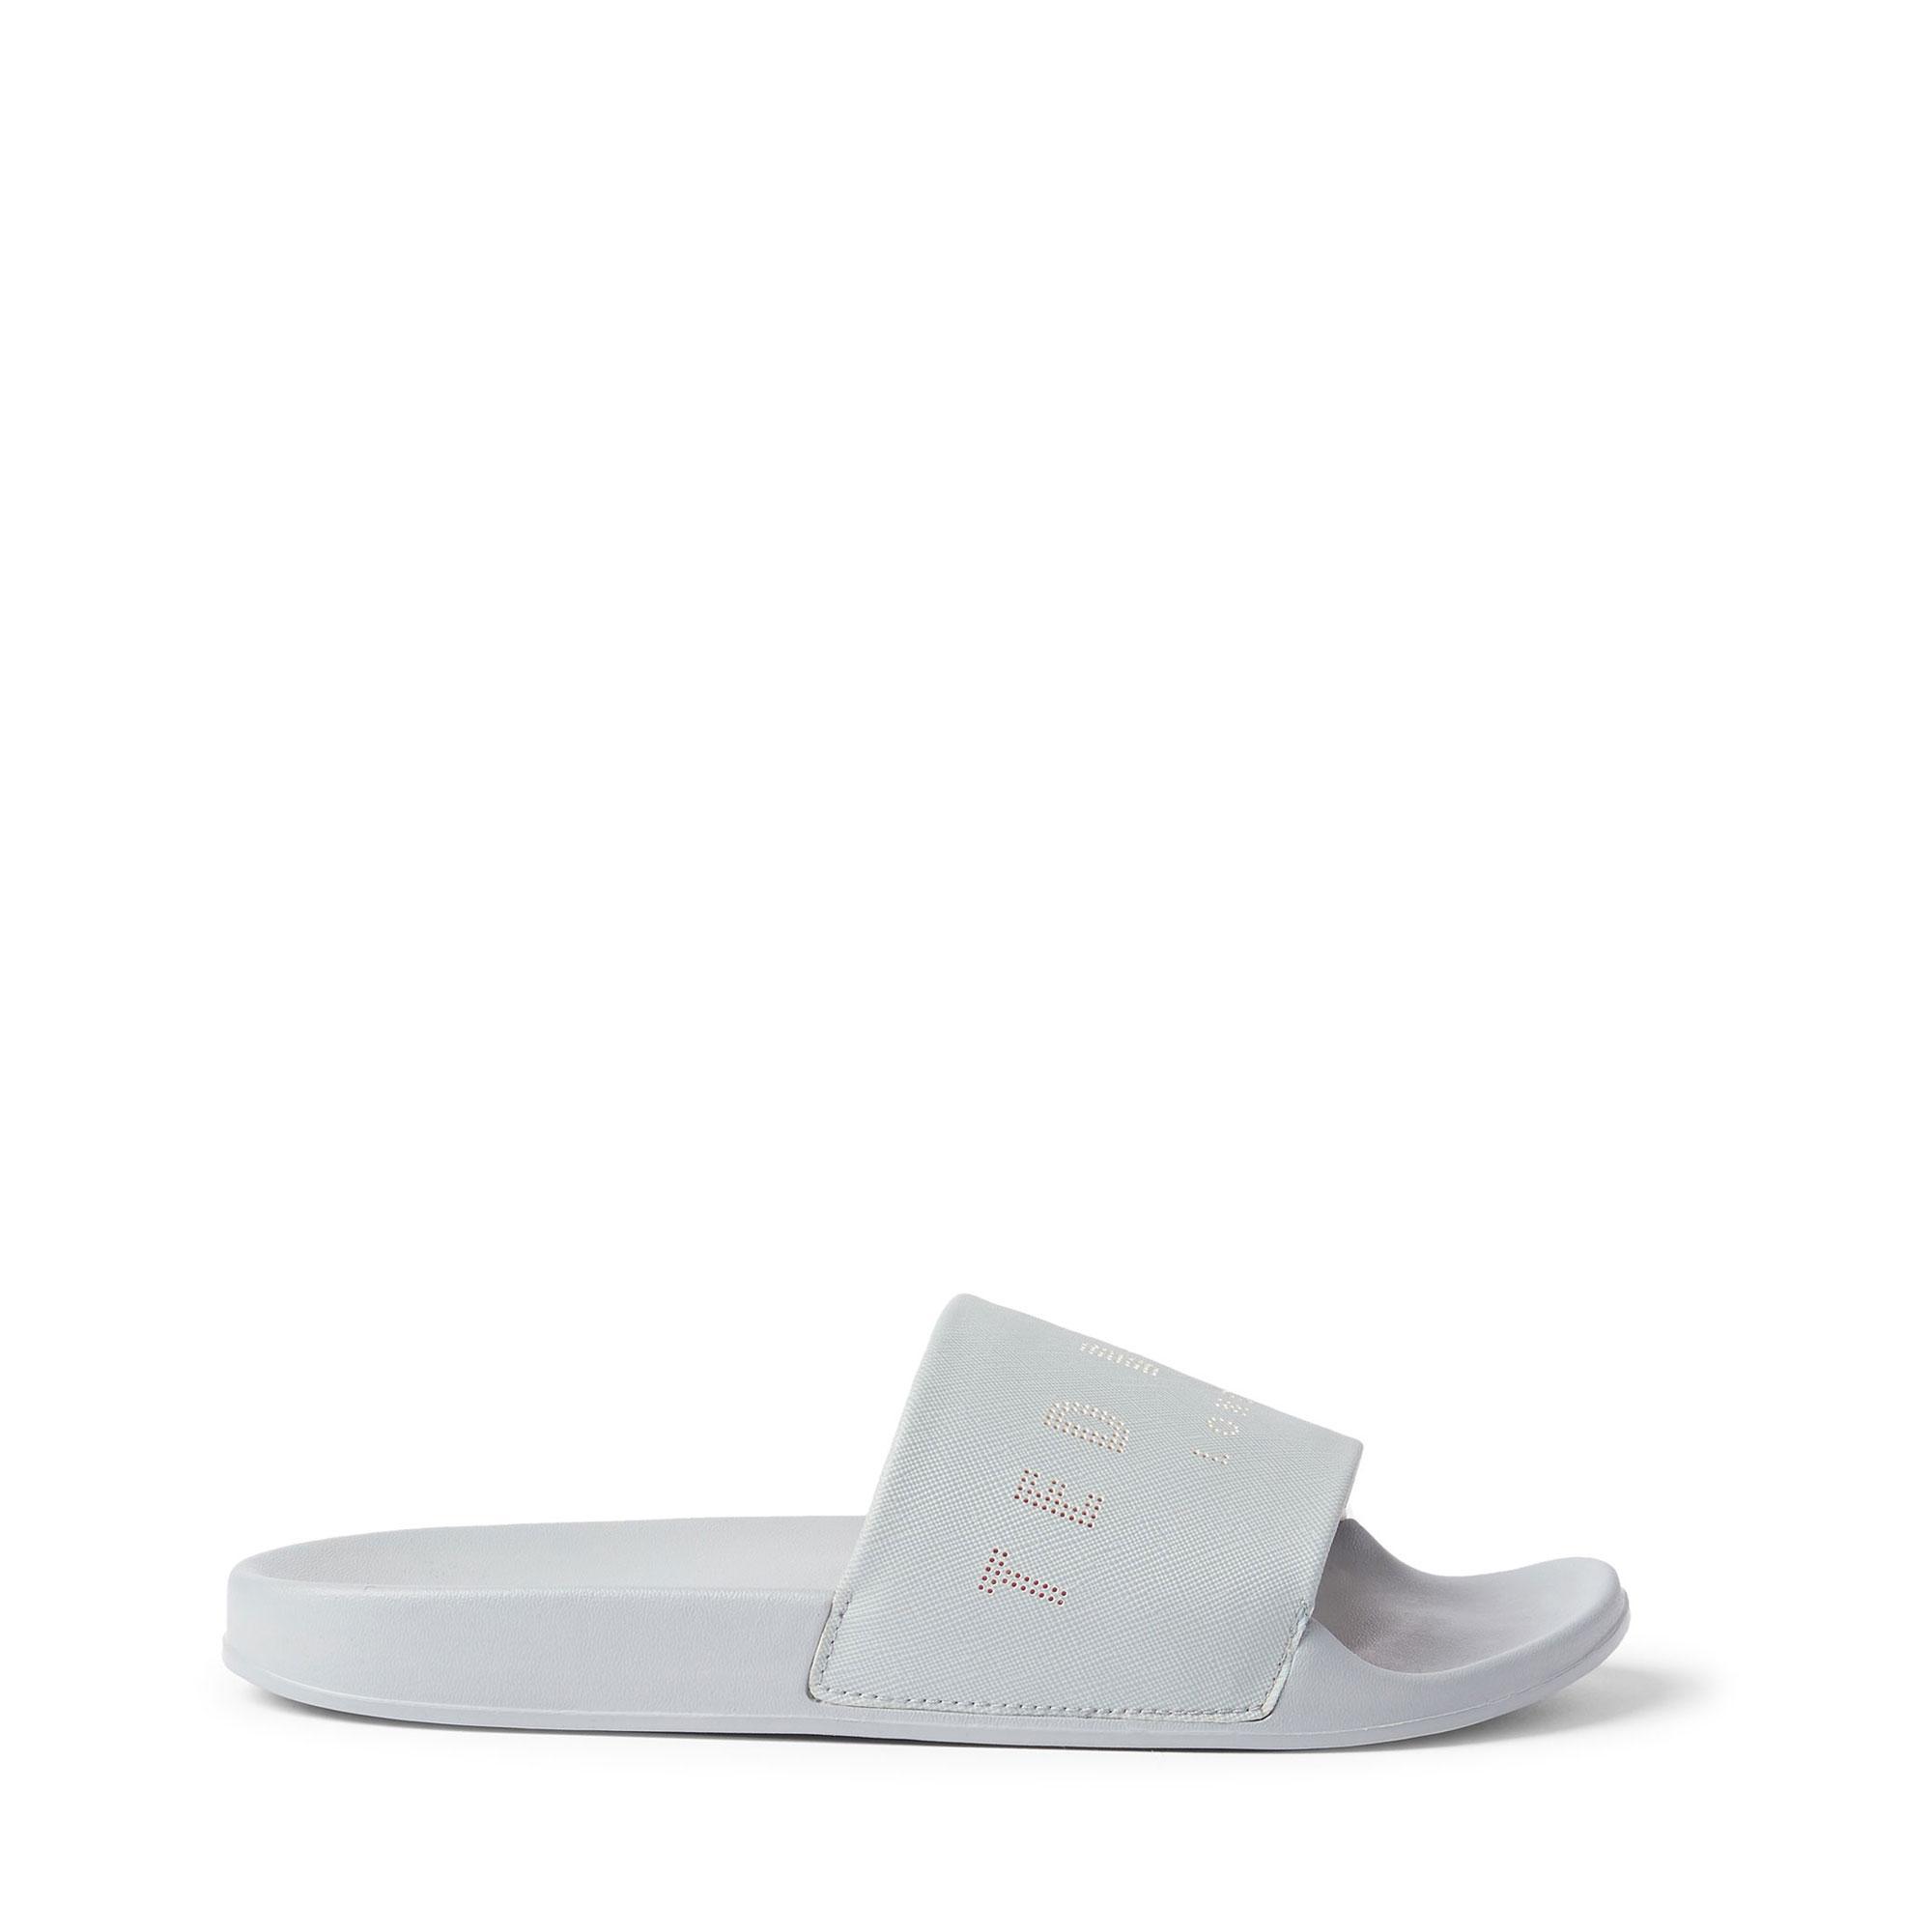 Coniie Branded Sliders